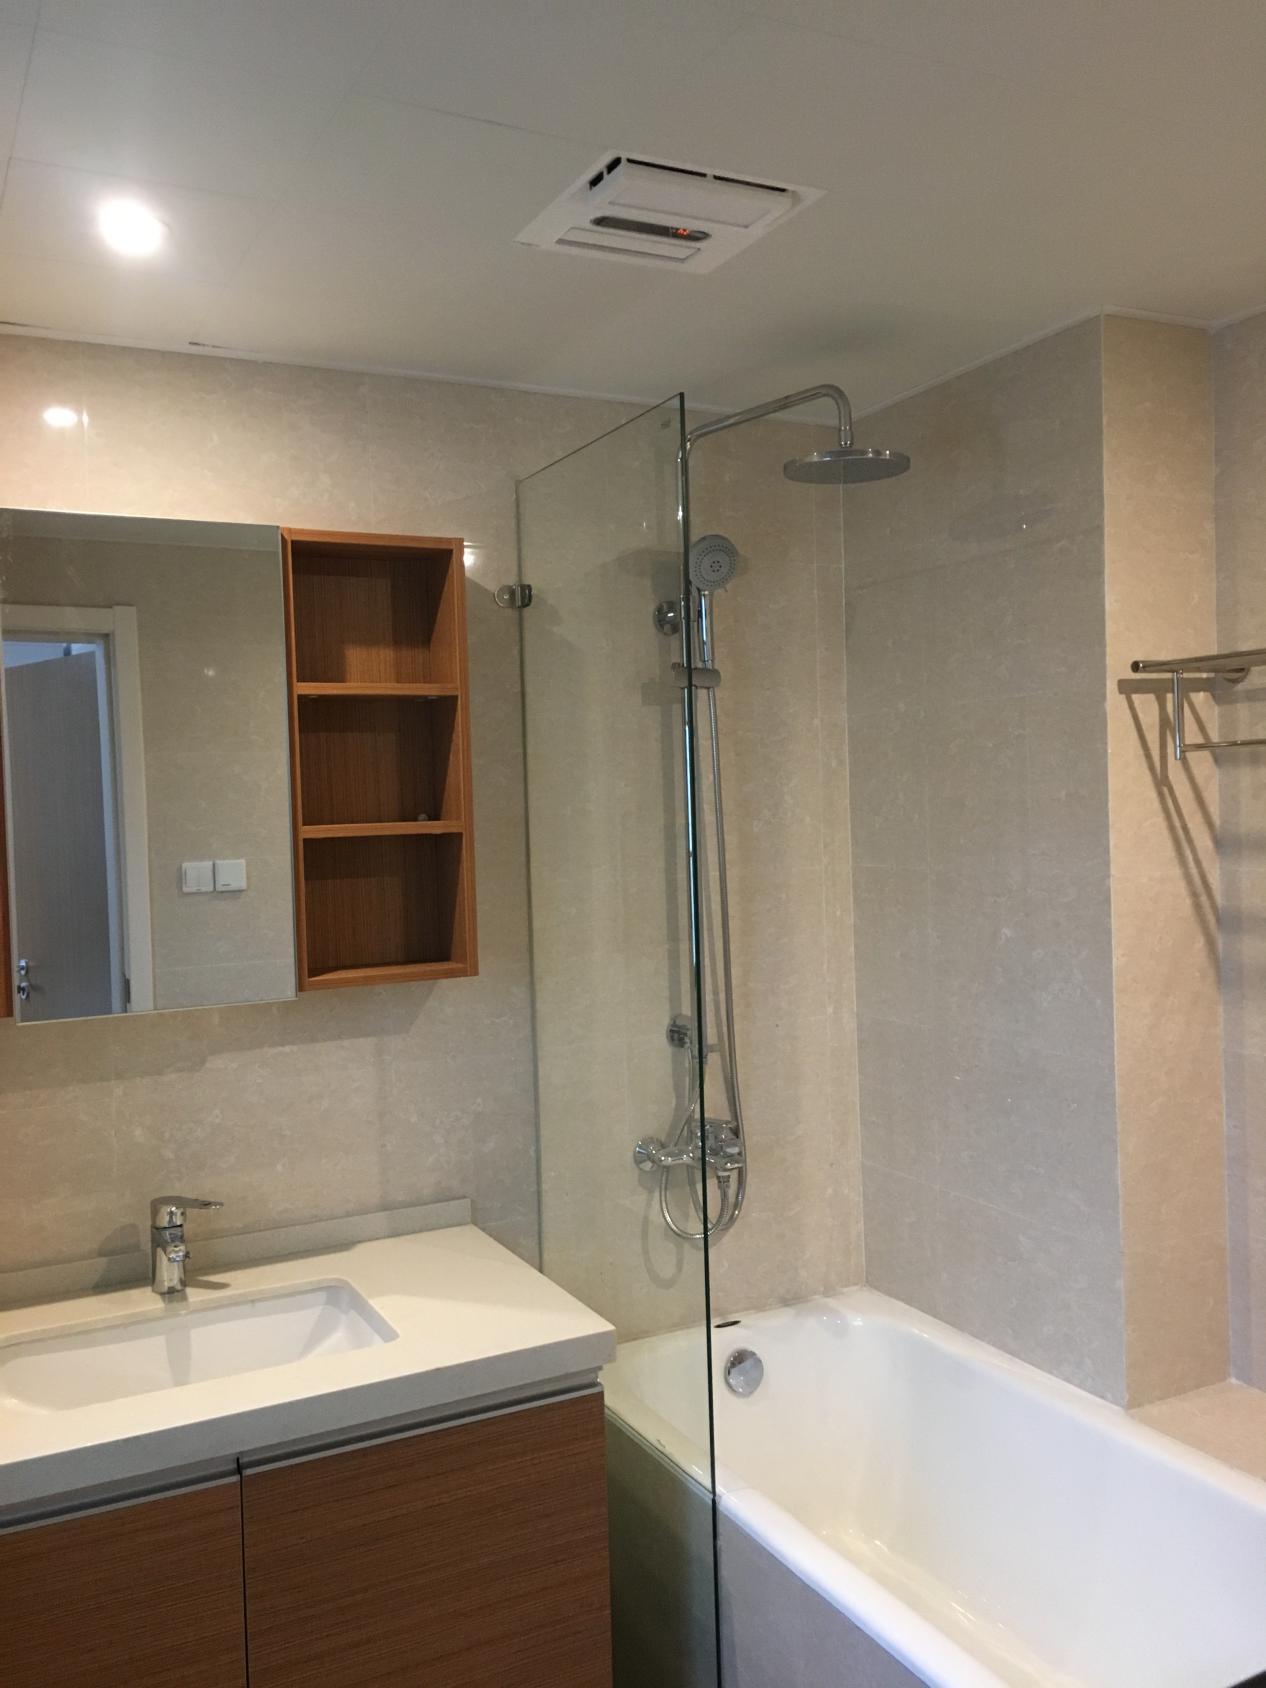 在爱空间标配的基础上,业主安装了浴缸和玻璃隔断,花洒的水不会溅到浴室柜。